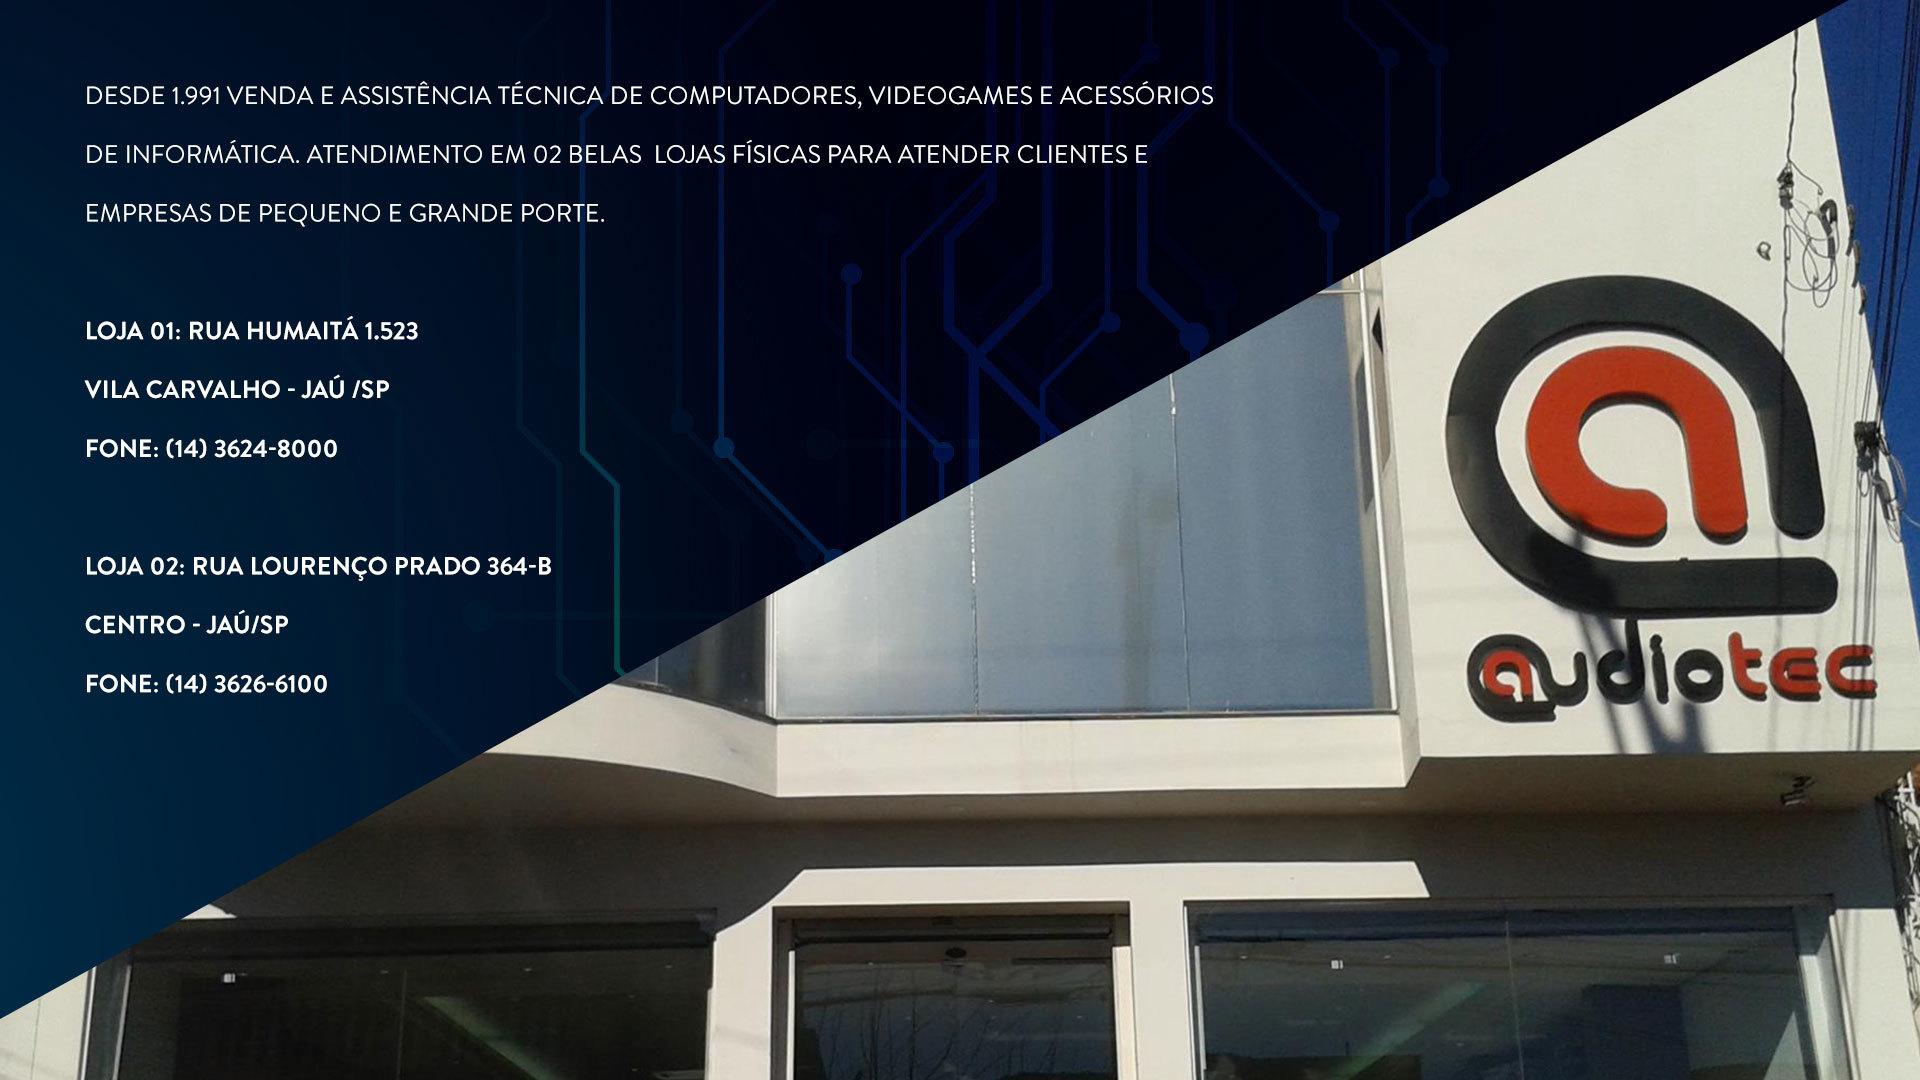 Sobre Audiotec computadores - Jaú e região